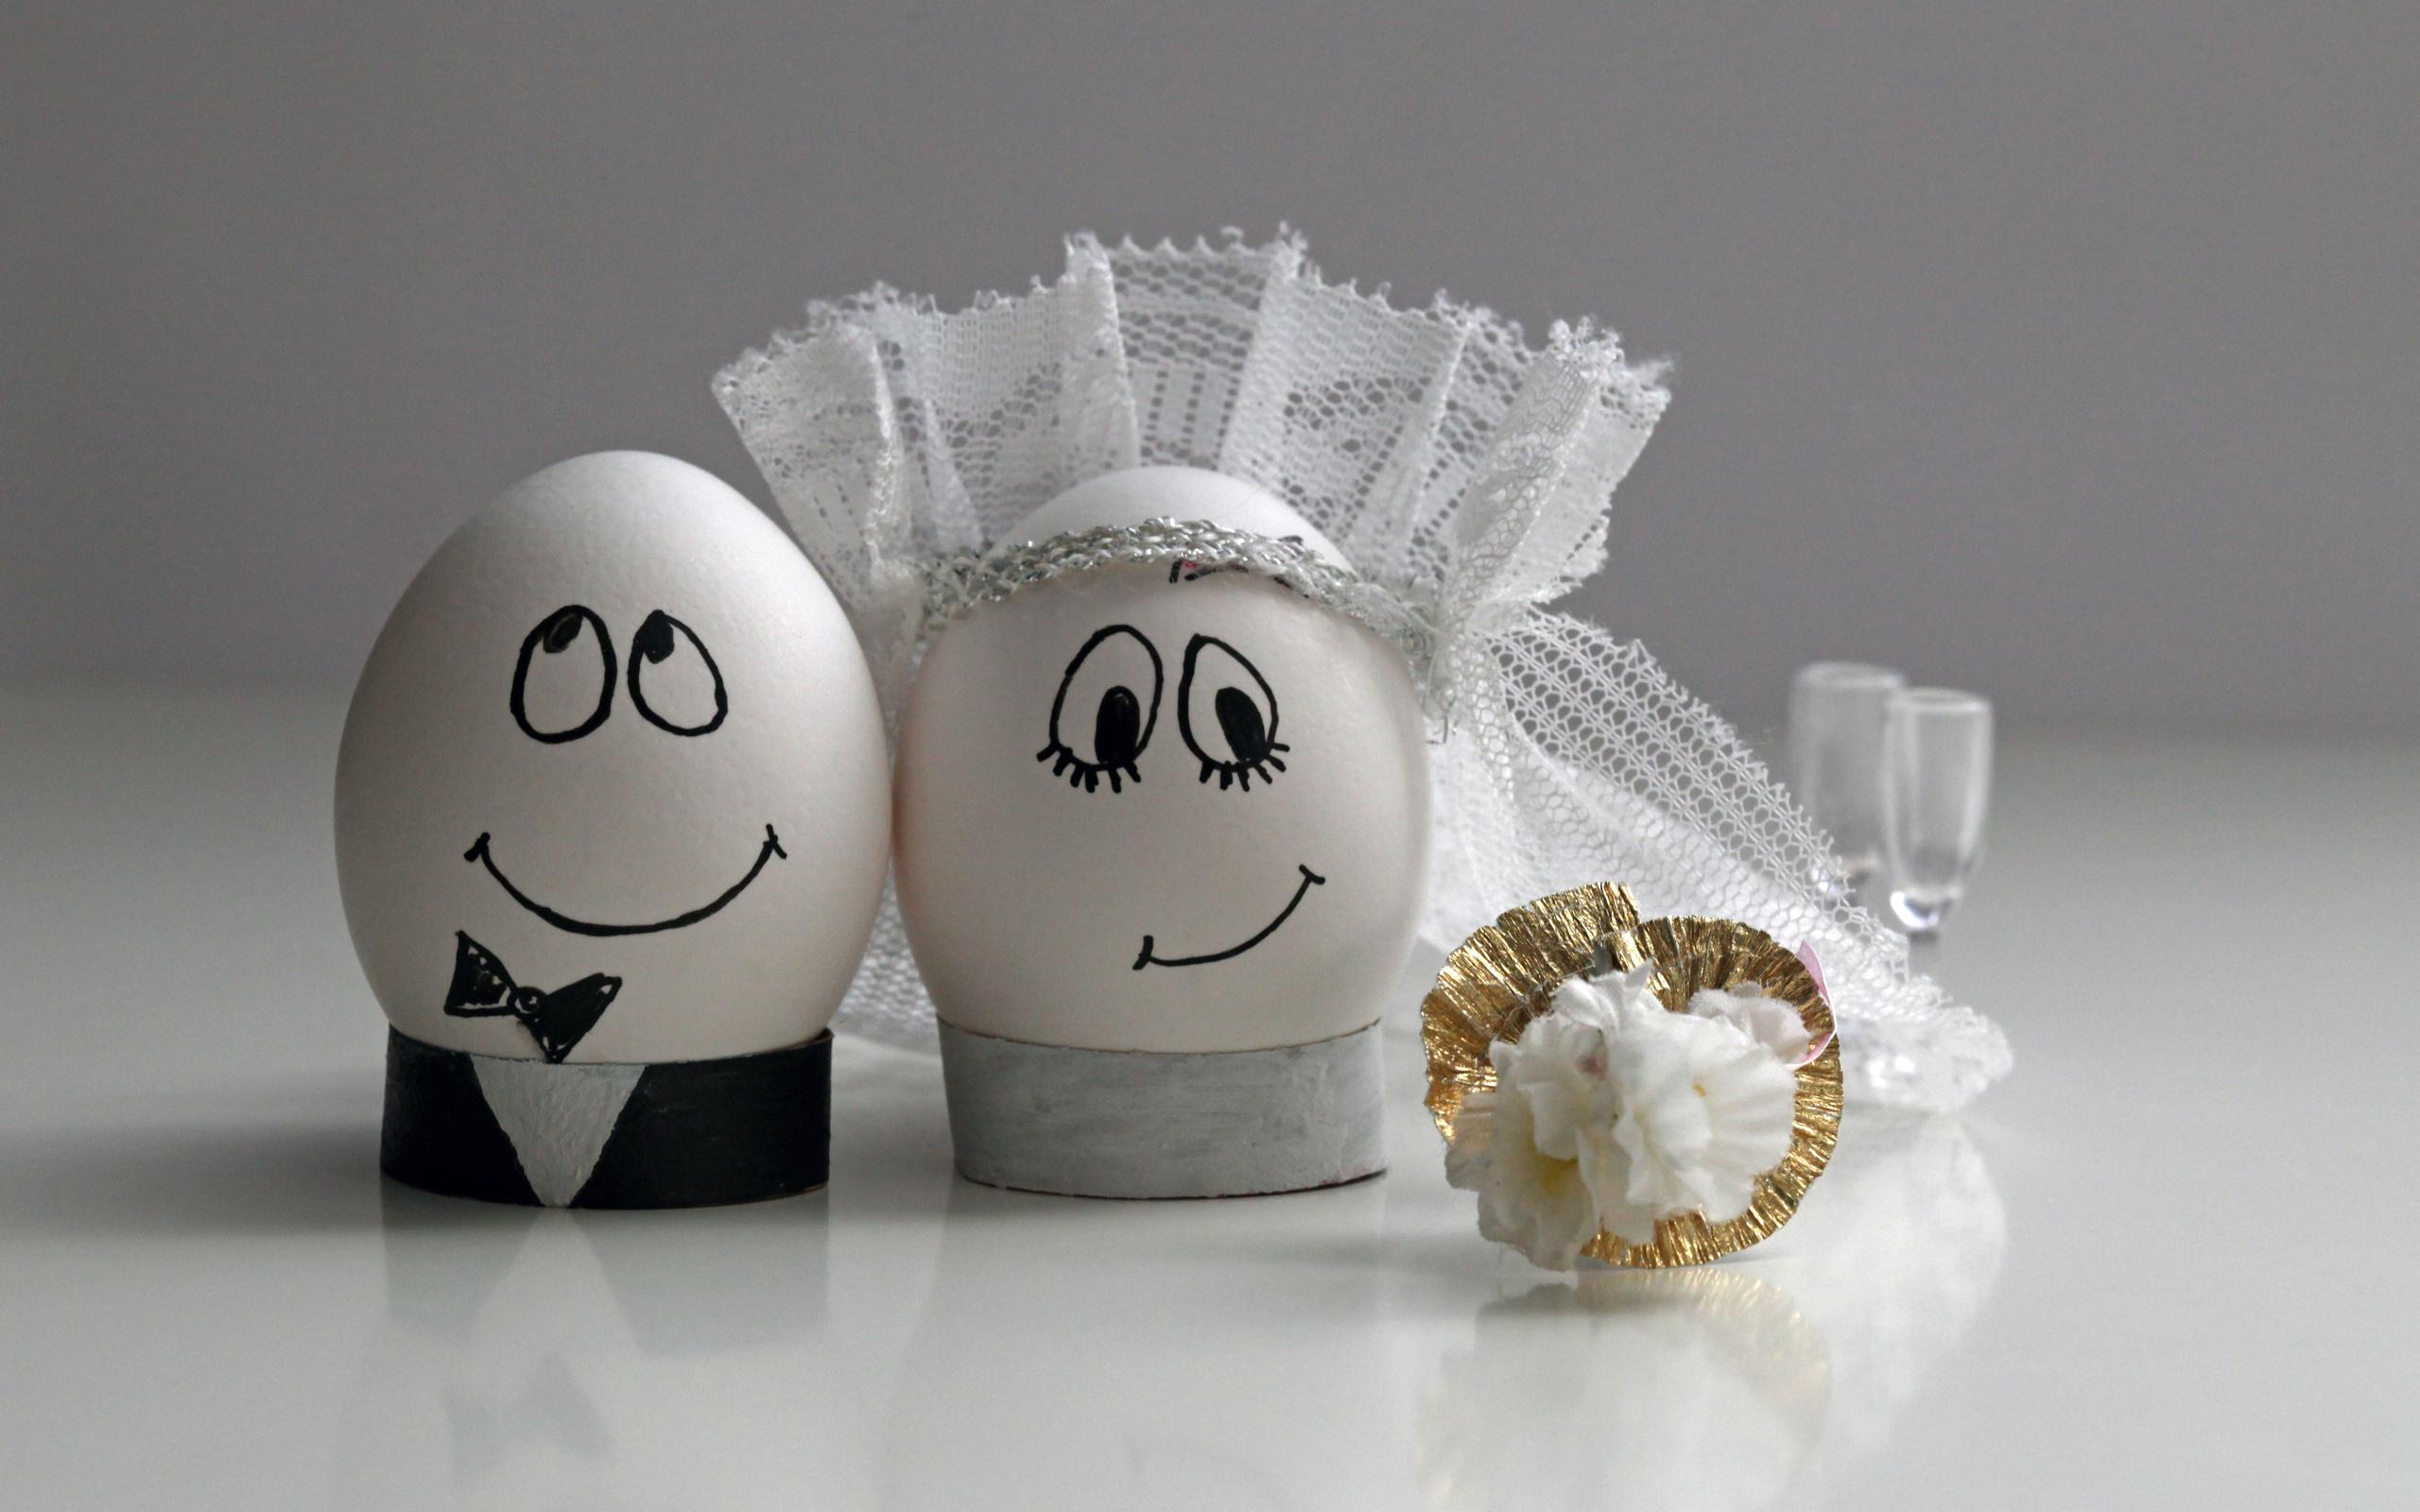 необычное поздравление на свадьбу картинки если поедете дальше